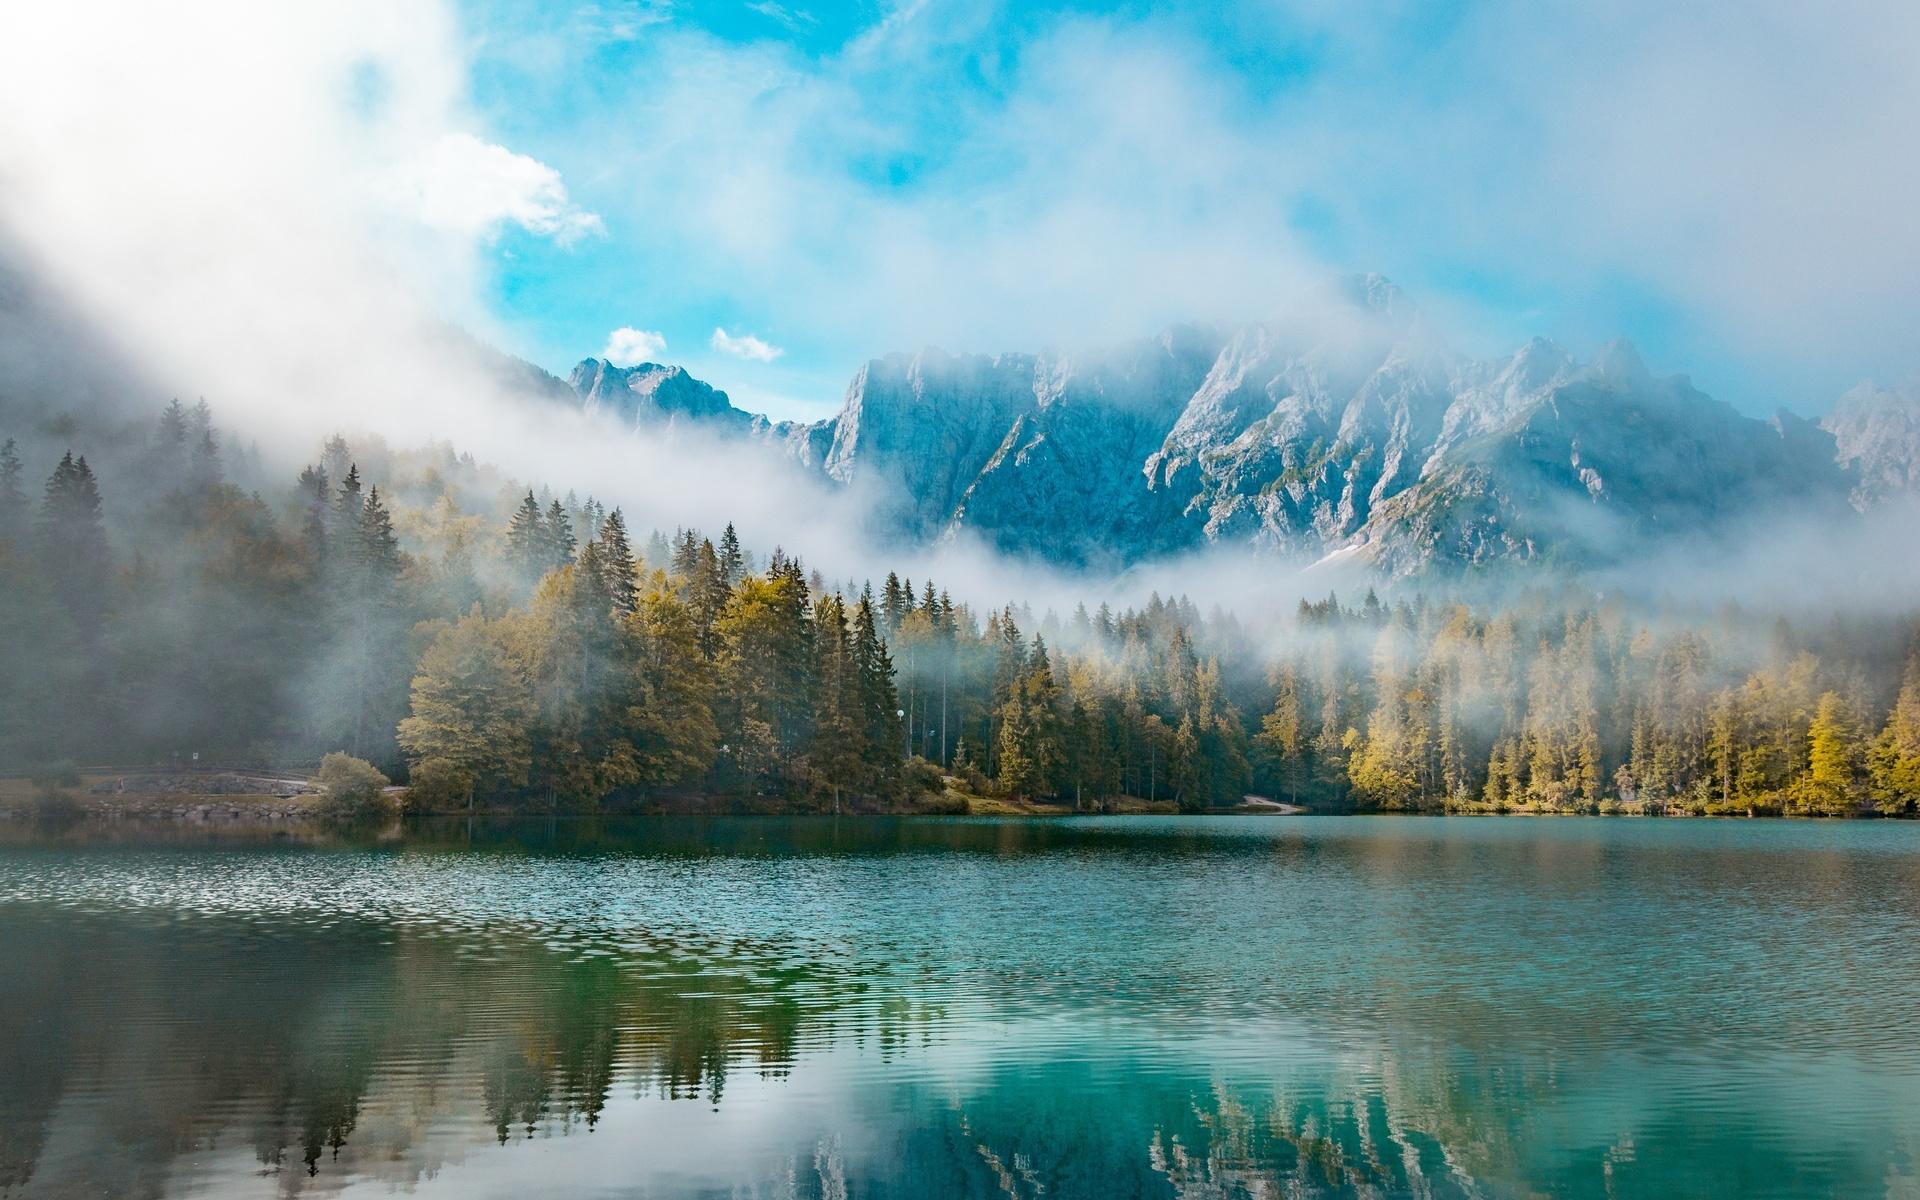 обои туманные пейзажи люди смело